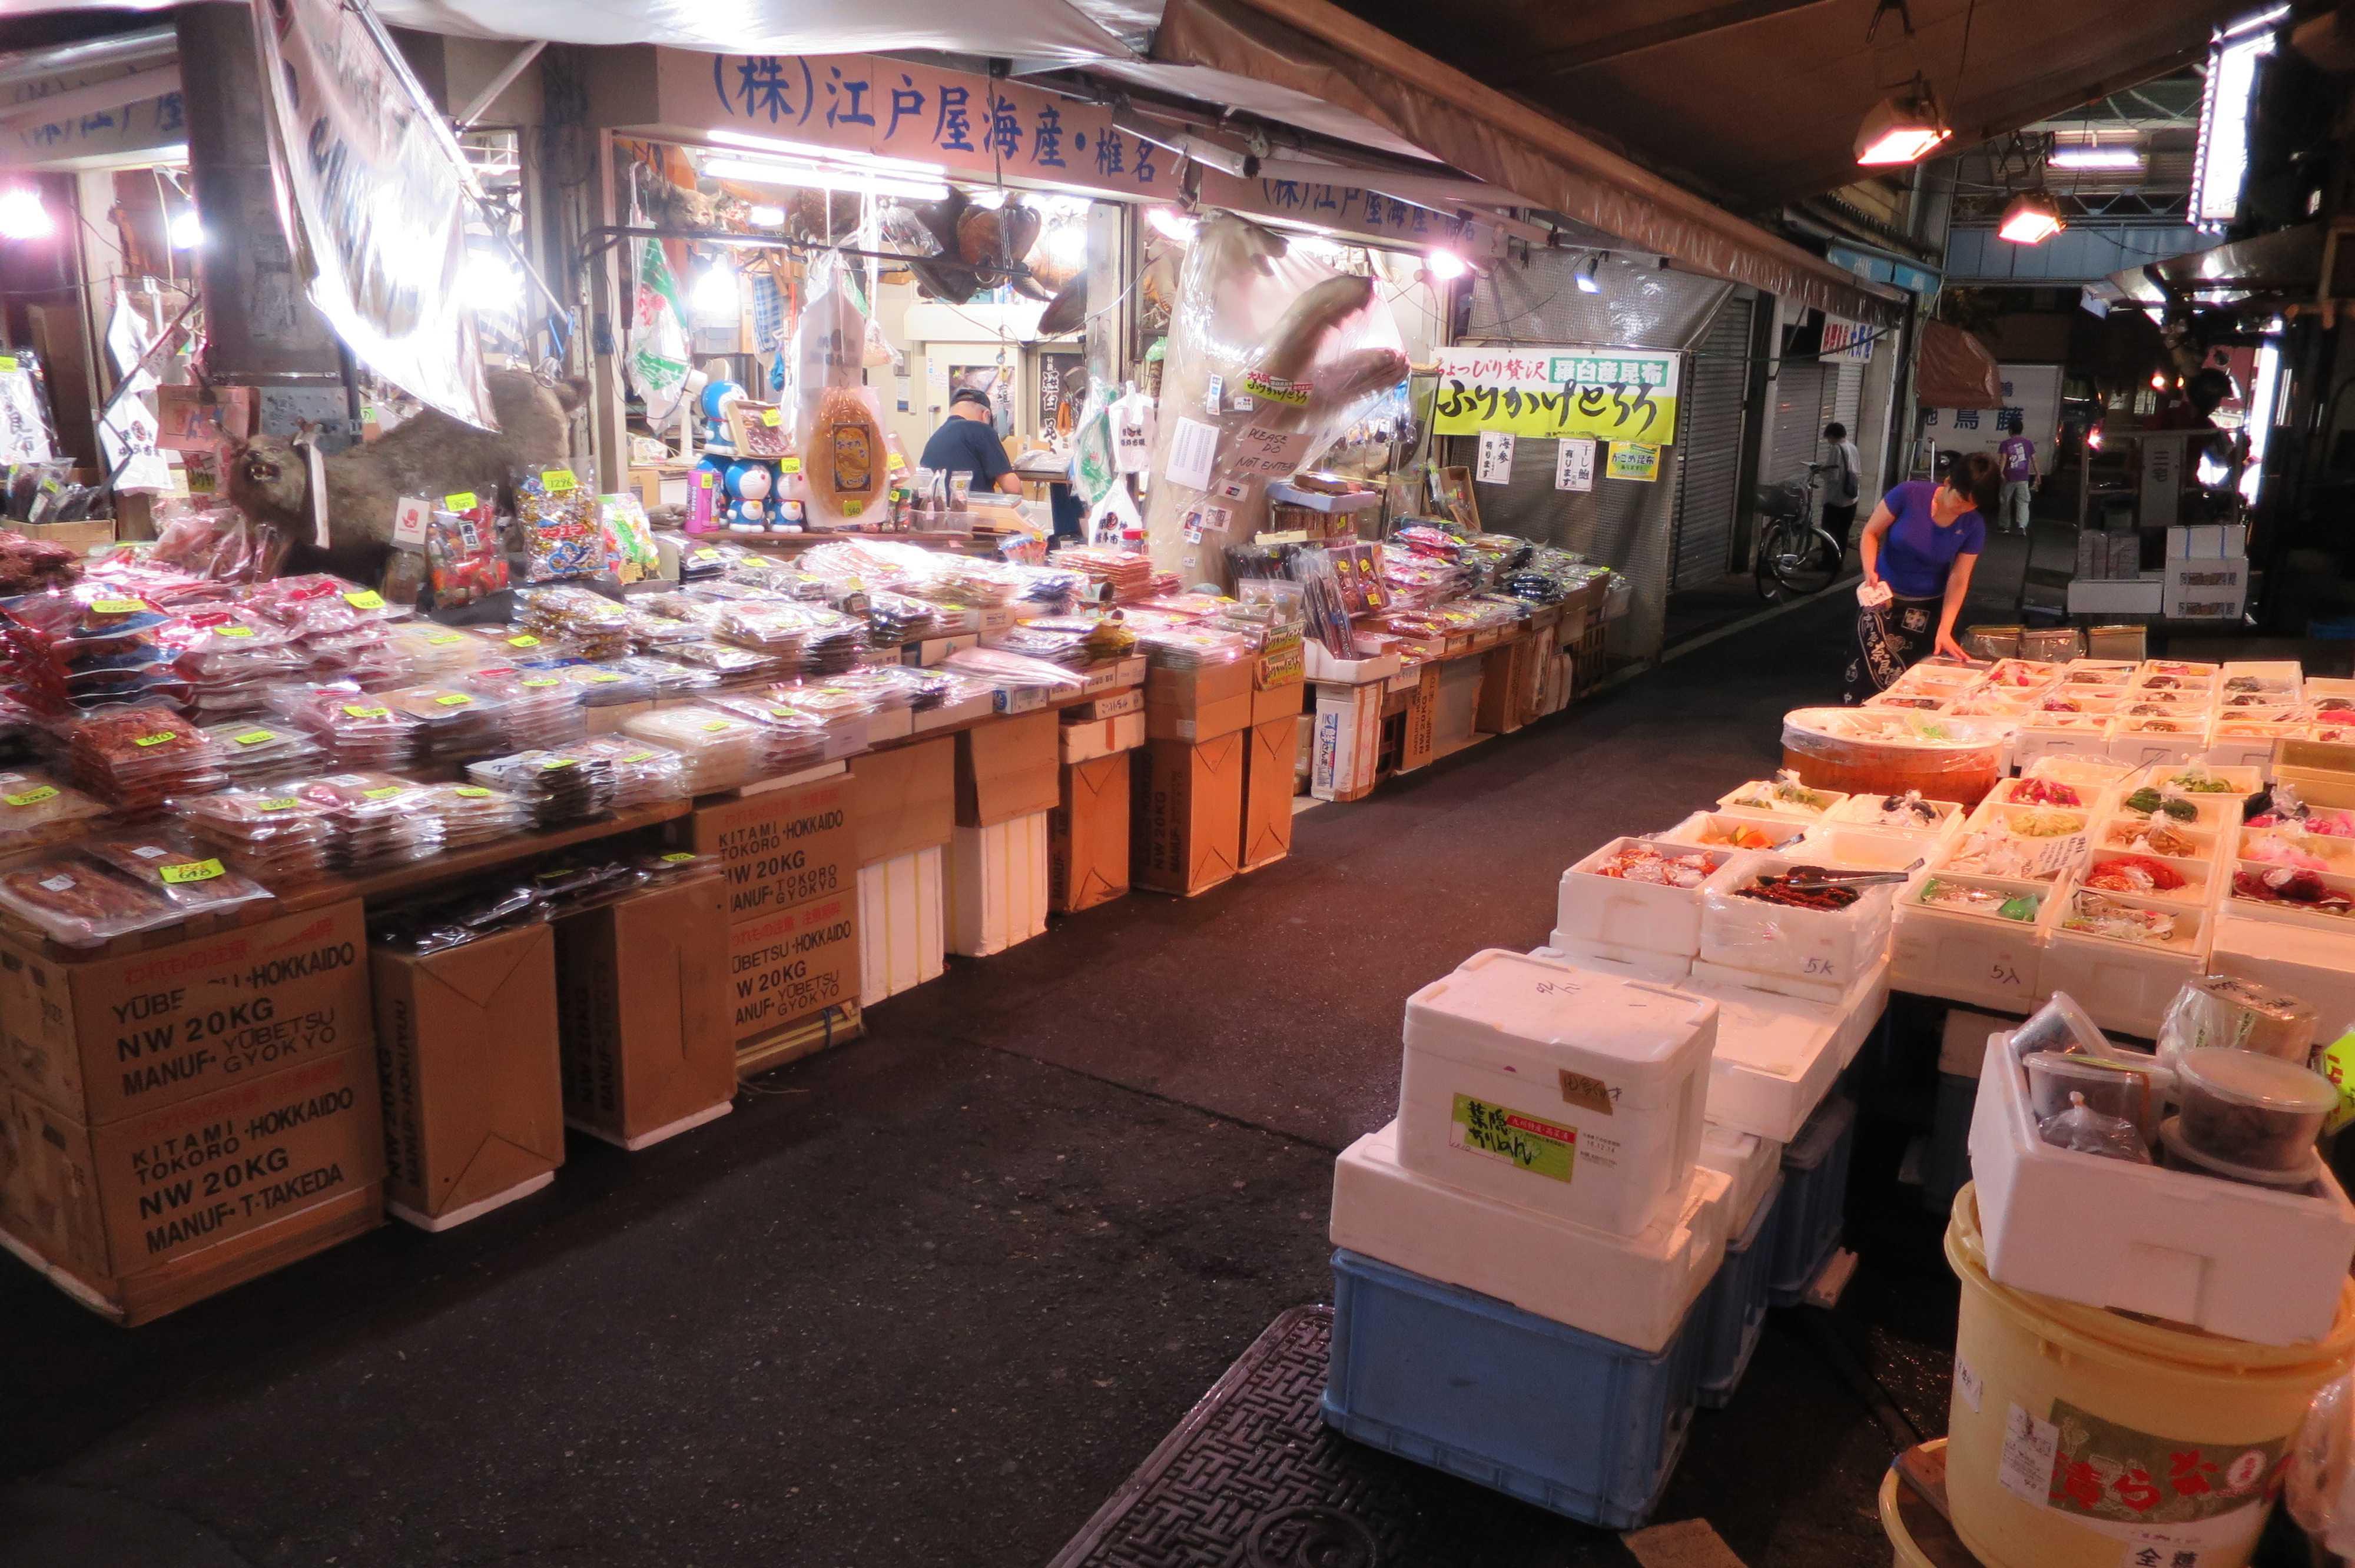 築地場外市場 - 海産物